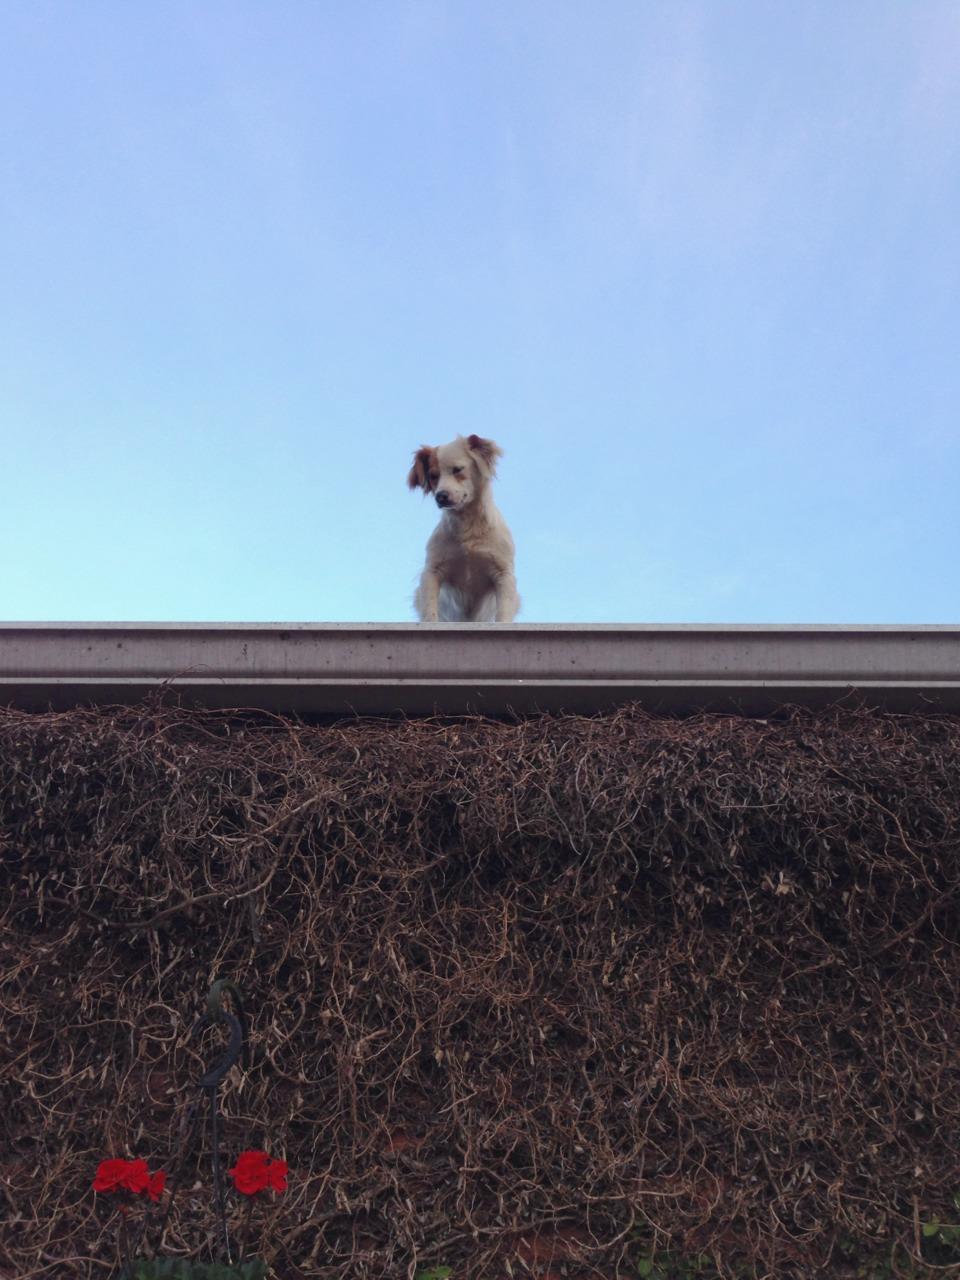 Casper on the roof       —Dorn